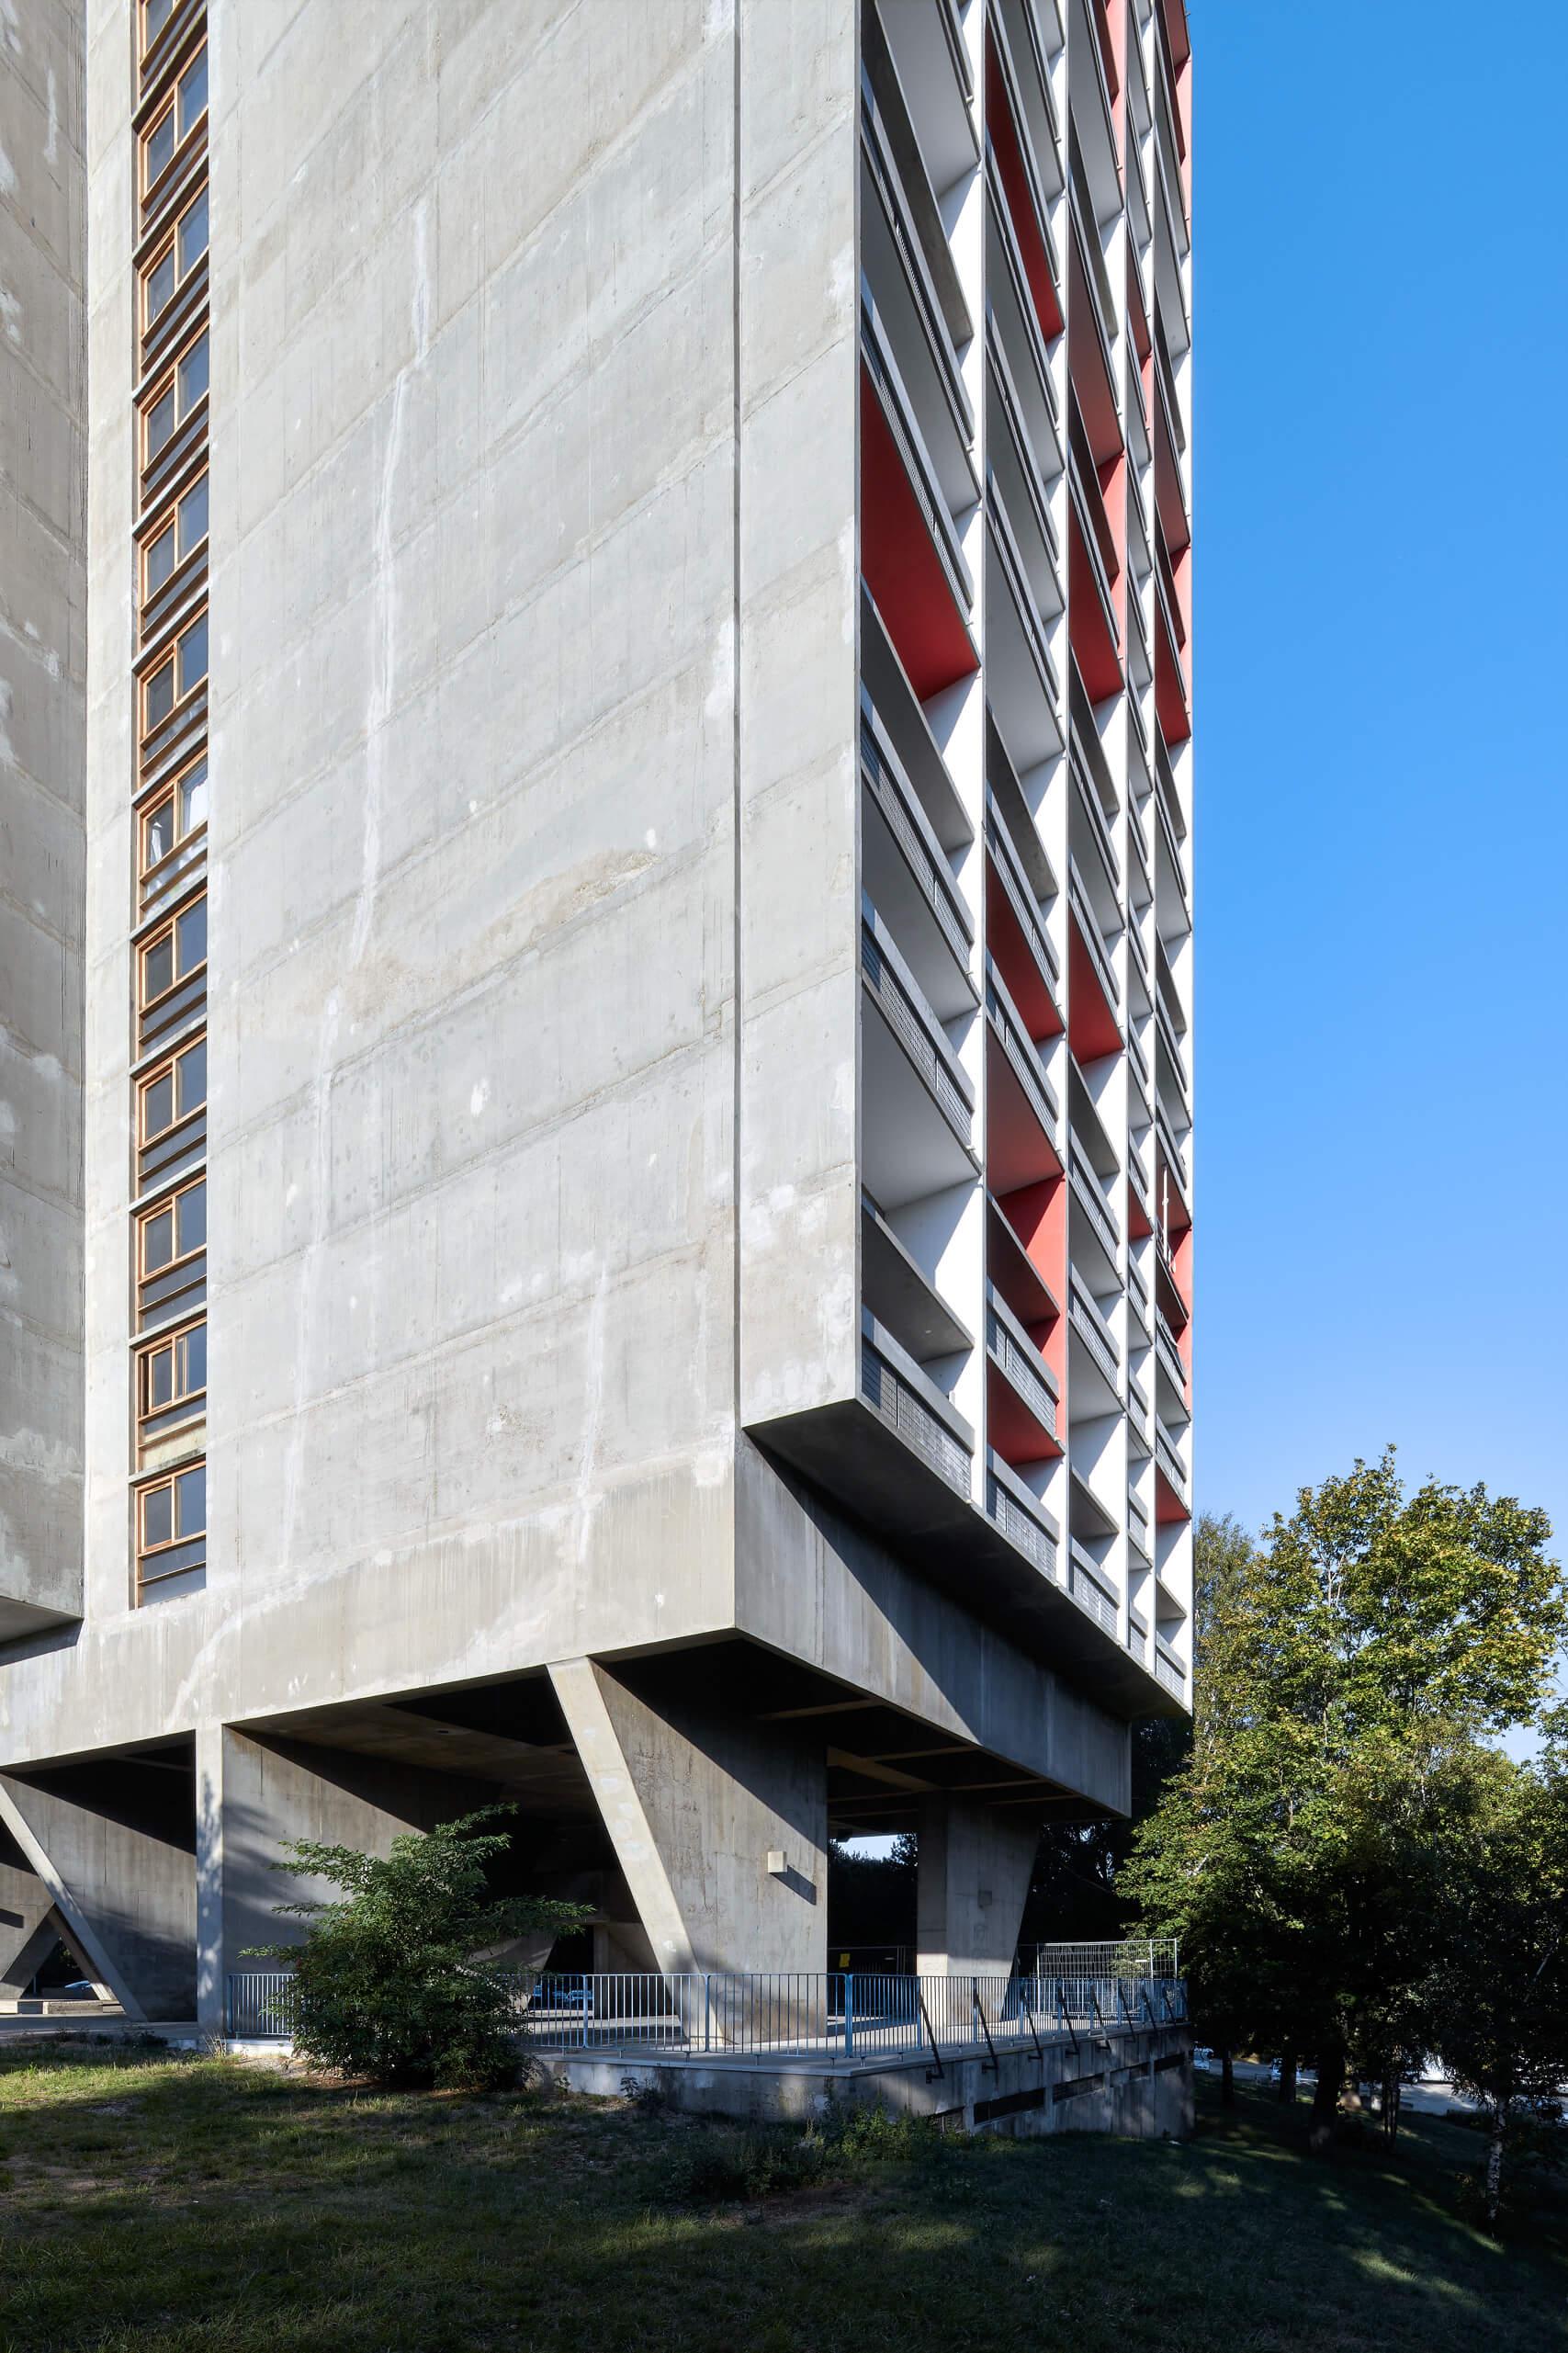 Federico_Covre_Unité_Firminy_Le_Corbusier_2018_09